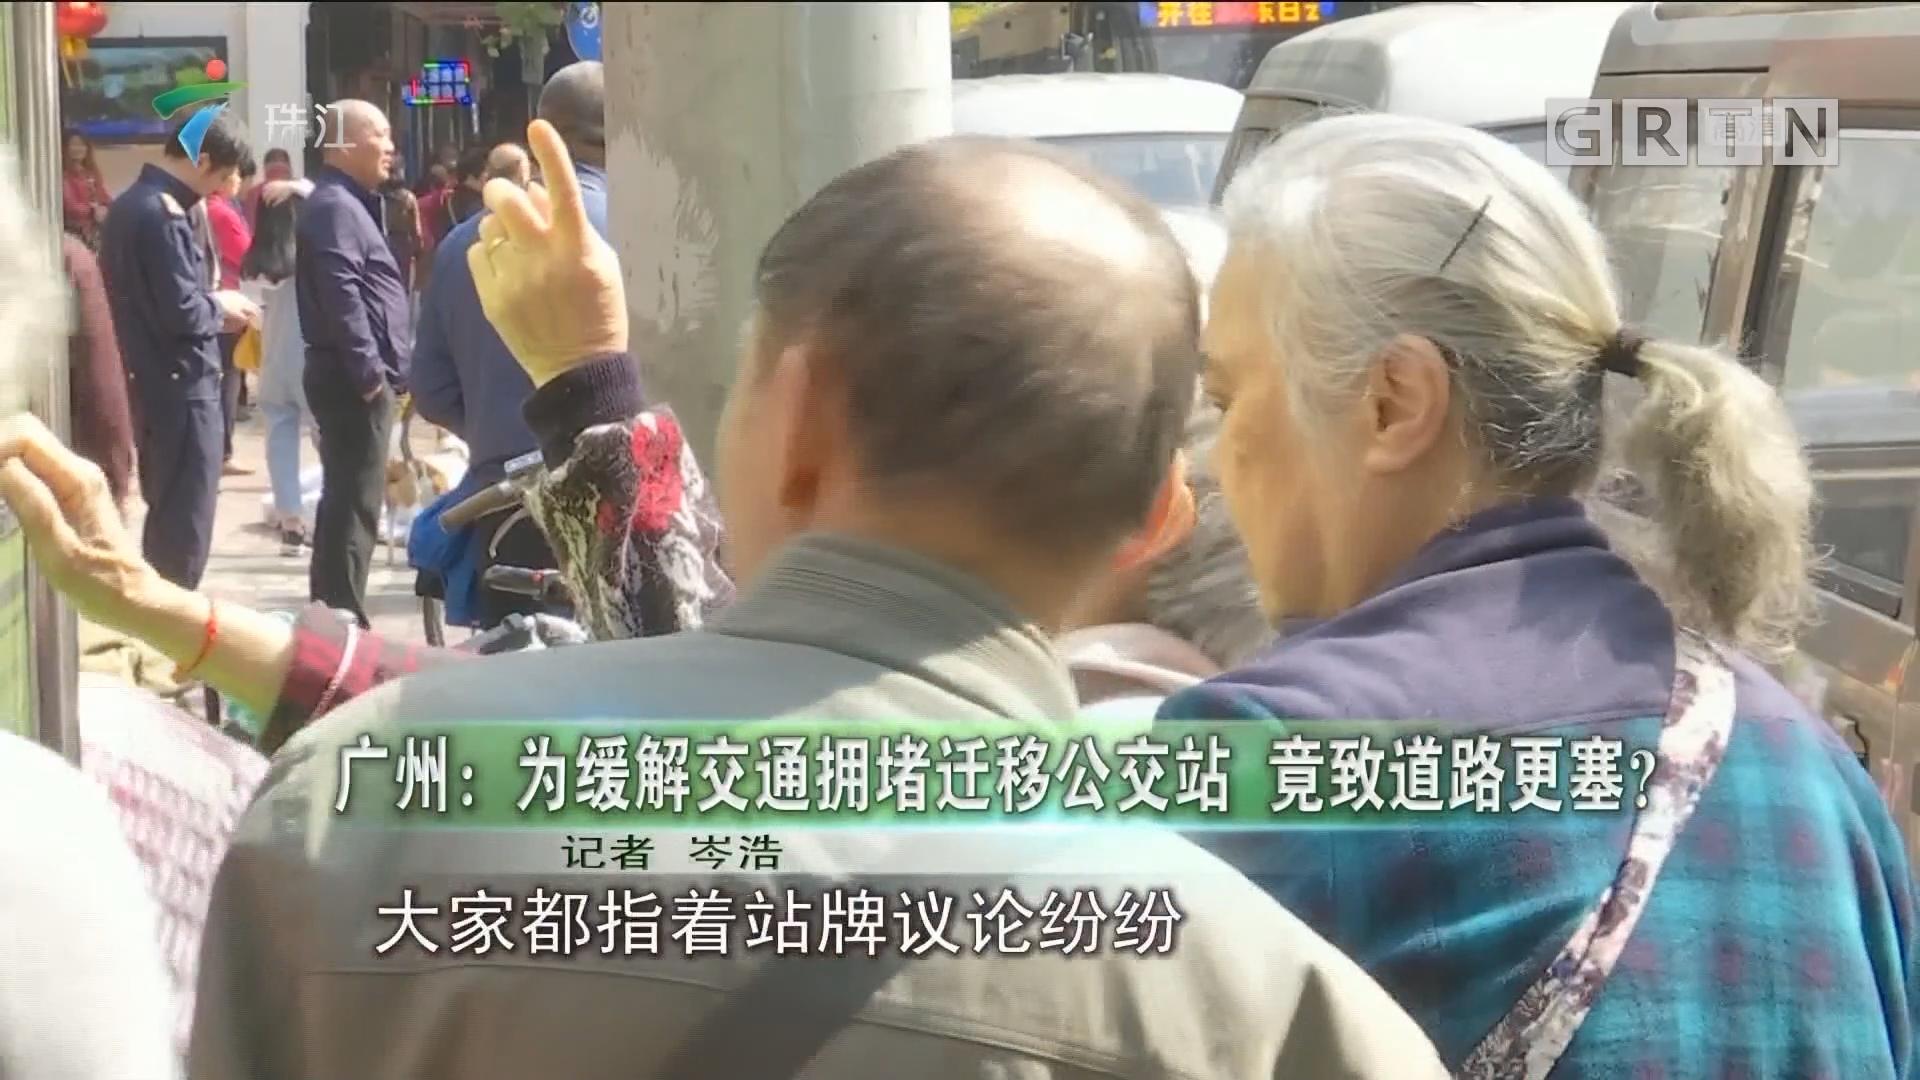 广州:为缓解交通拥堵迁移公交站 竟致道路更塞?